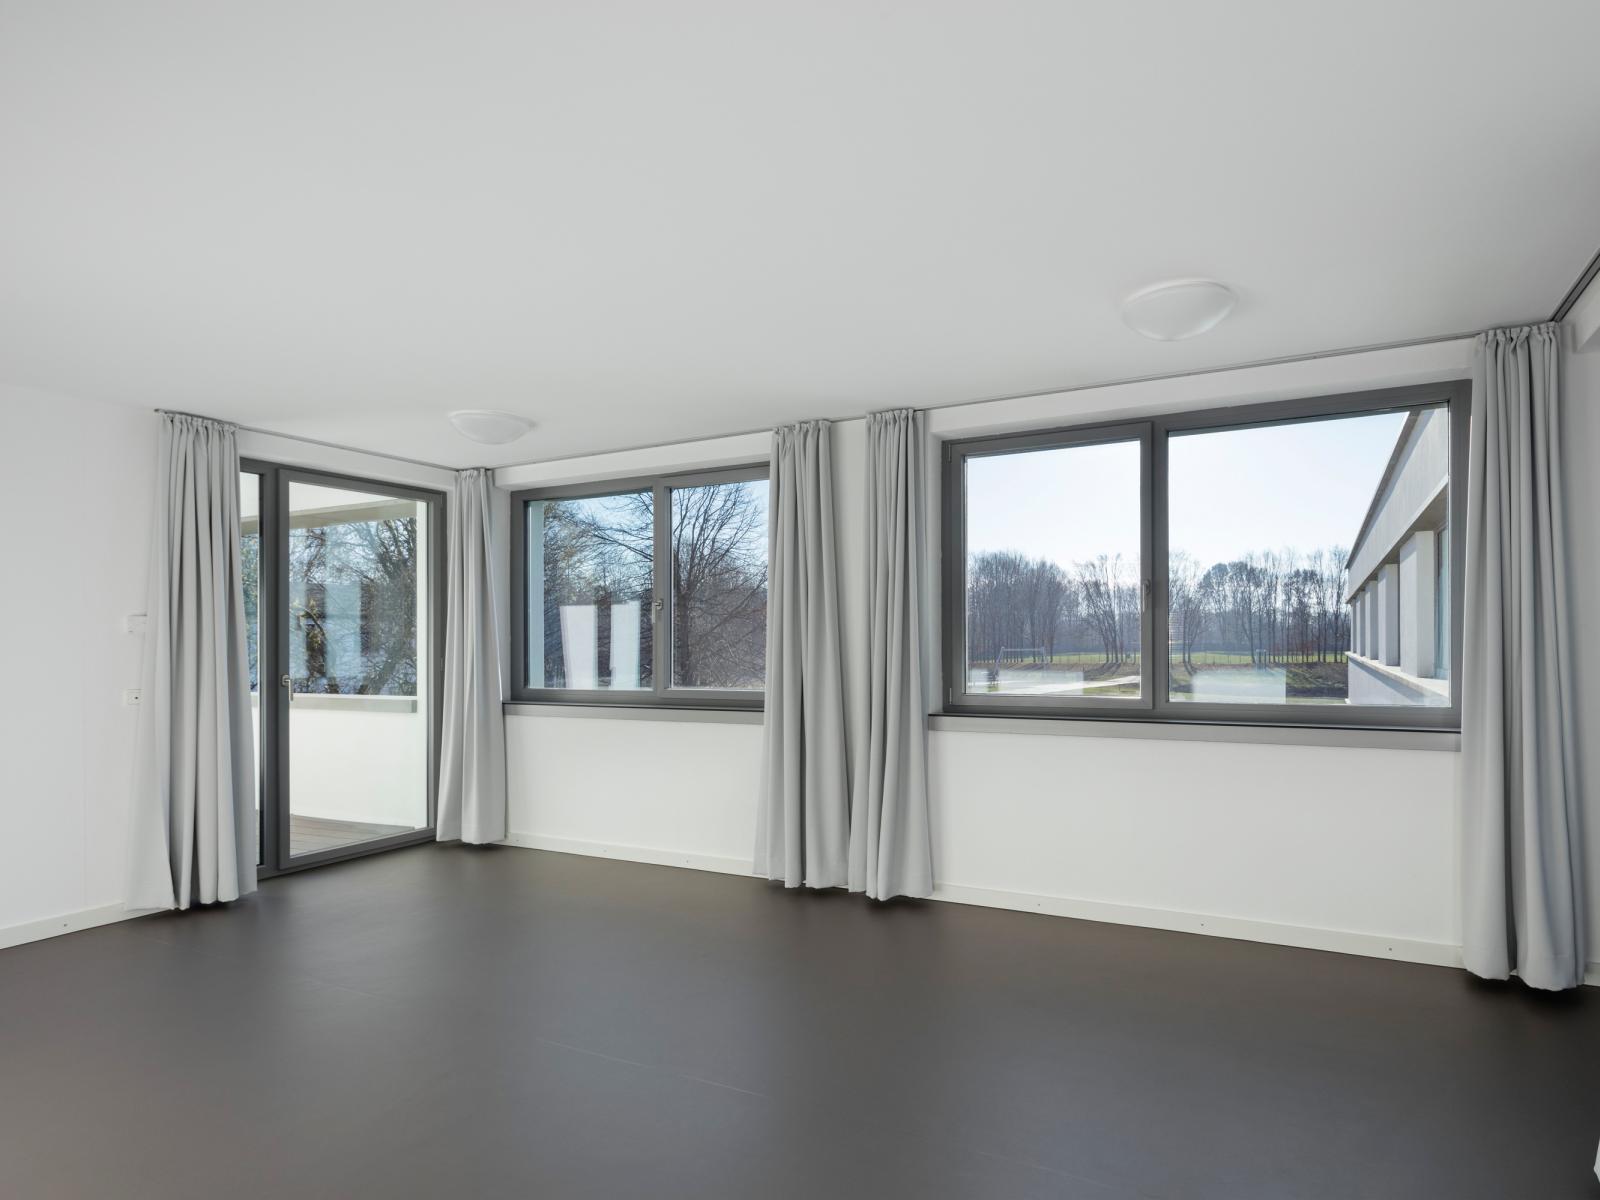 Übergangswohnheime Köln Wohnbereich